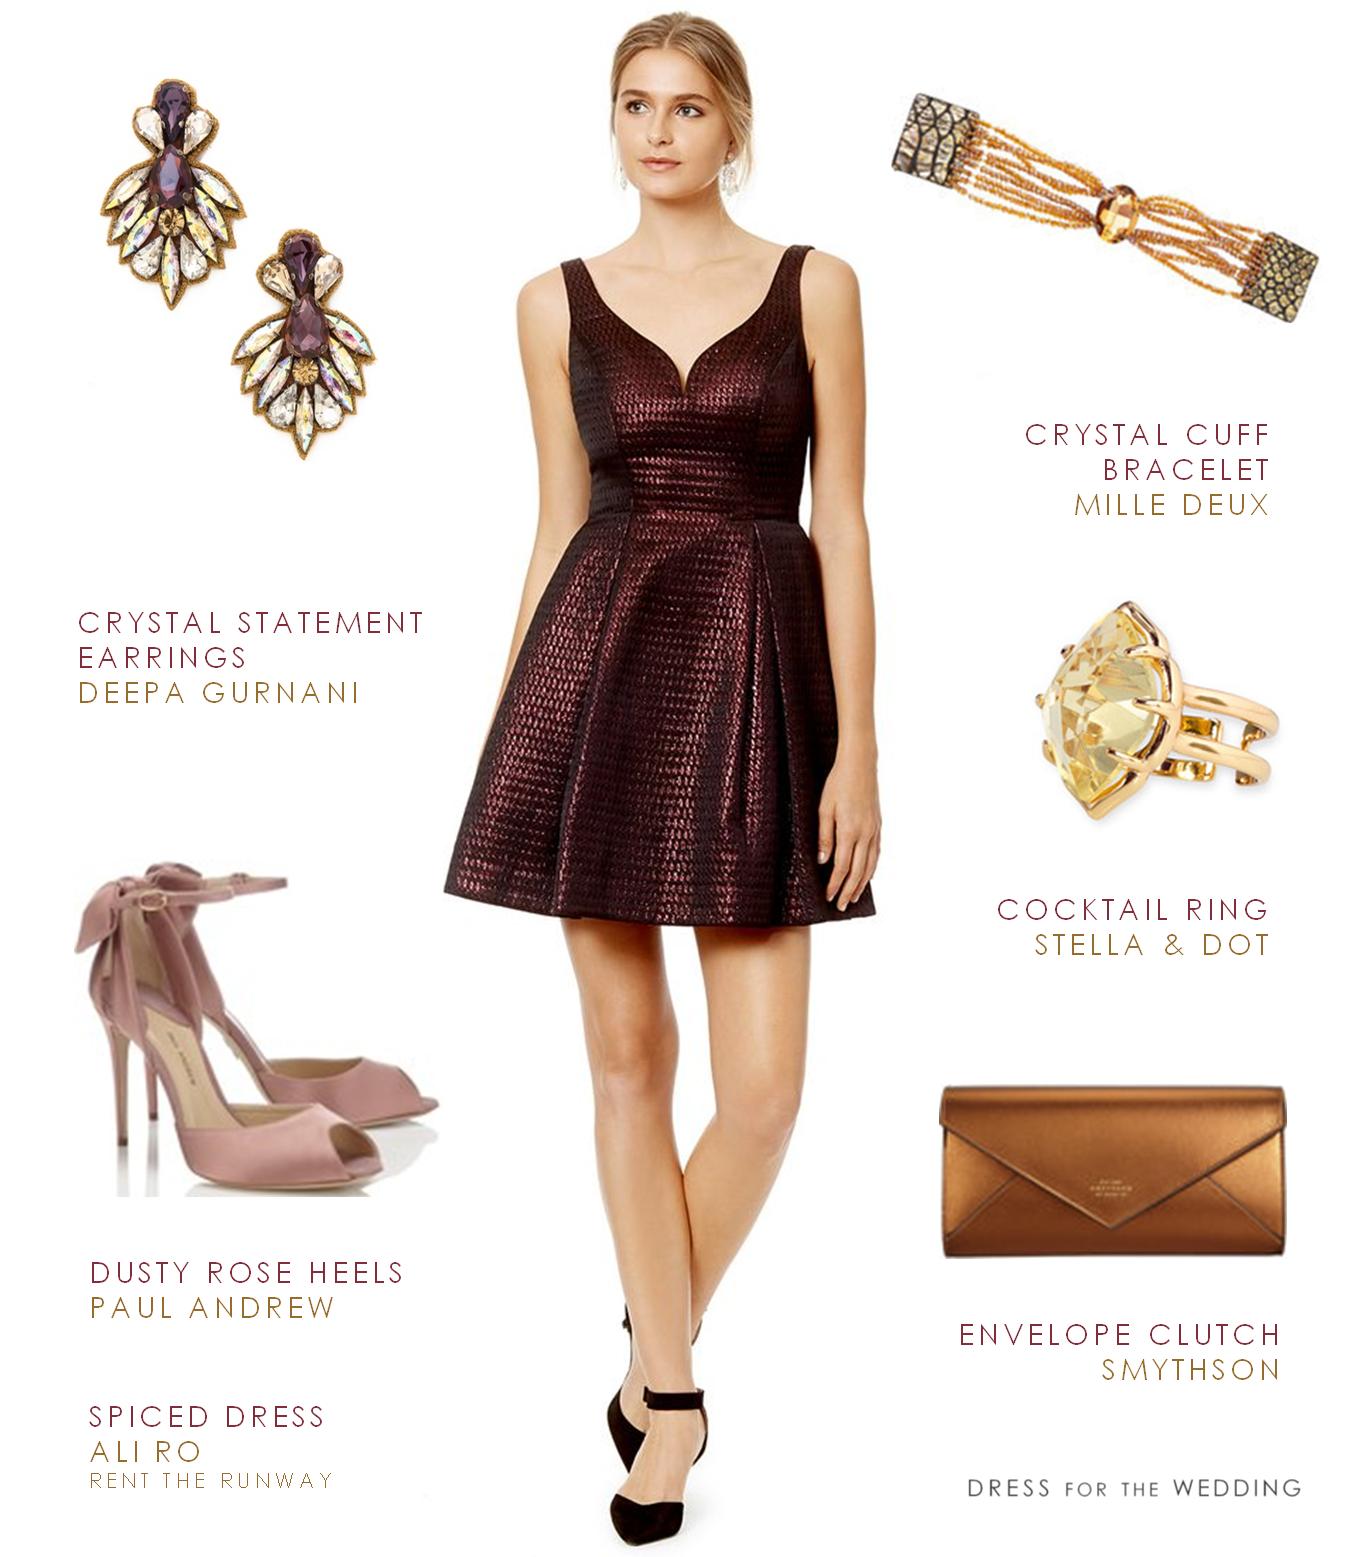 creative-design-wedding-guest-dresses-for-fall-dress-a-november-wedding-guest.jpg.png